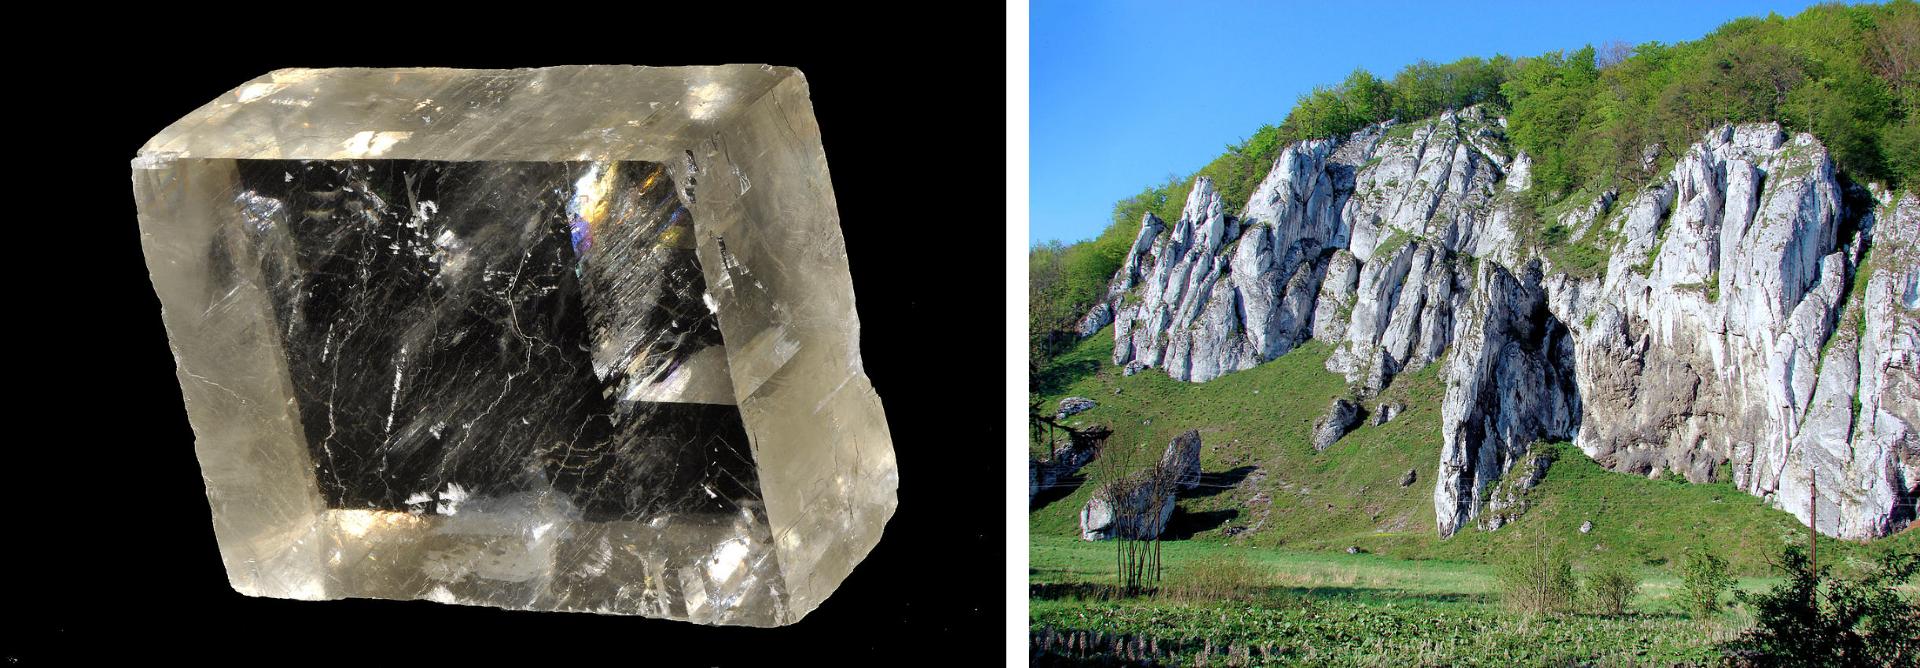 Pierwsza ilustracja wgalerii. Składa się zdwóch zdjęć sąsiadujących ze sobą. Na zdjęciu po lewej stronie przezroczysty kryształ oprawie idealnie prostopadłościennym kształcie. Na zdjęciu po prawej fragment krajobrazu zwysokimi jasnymi skałami wapiennymi górującymi nad doliną.